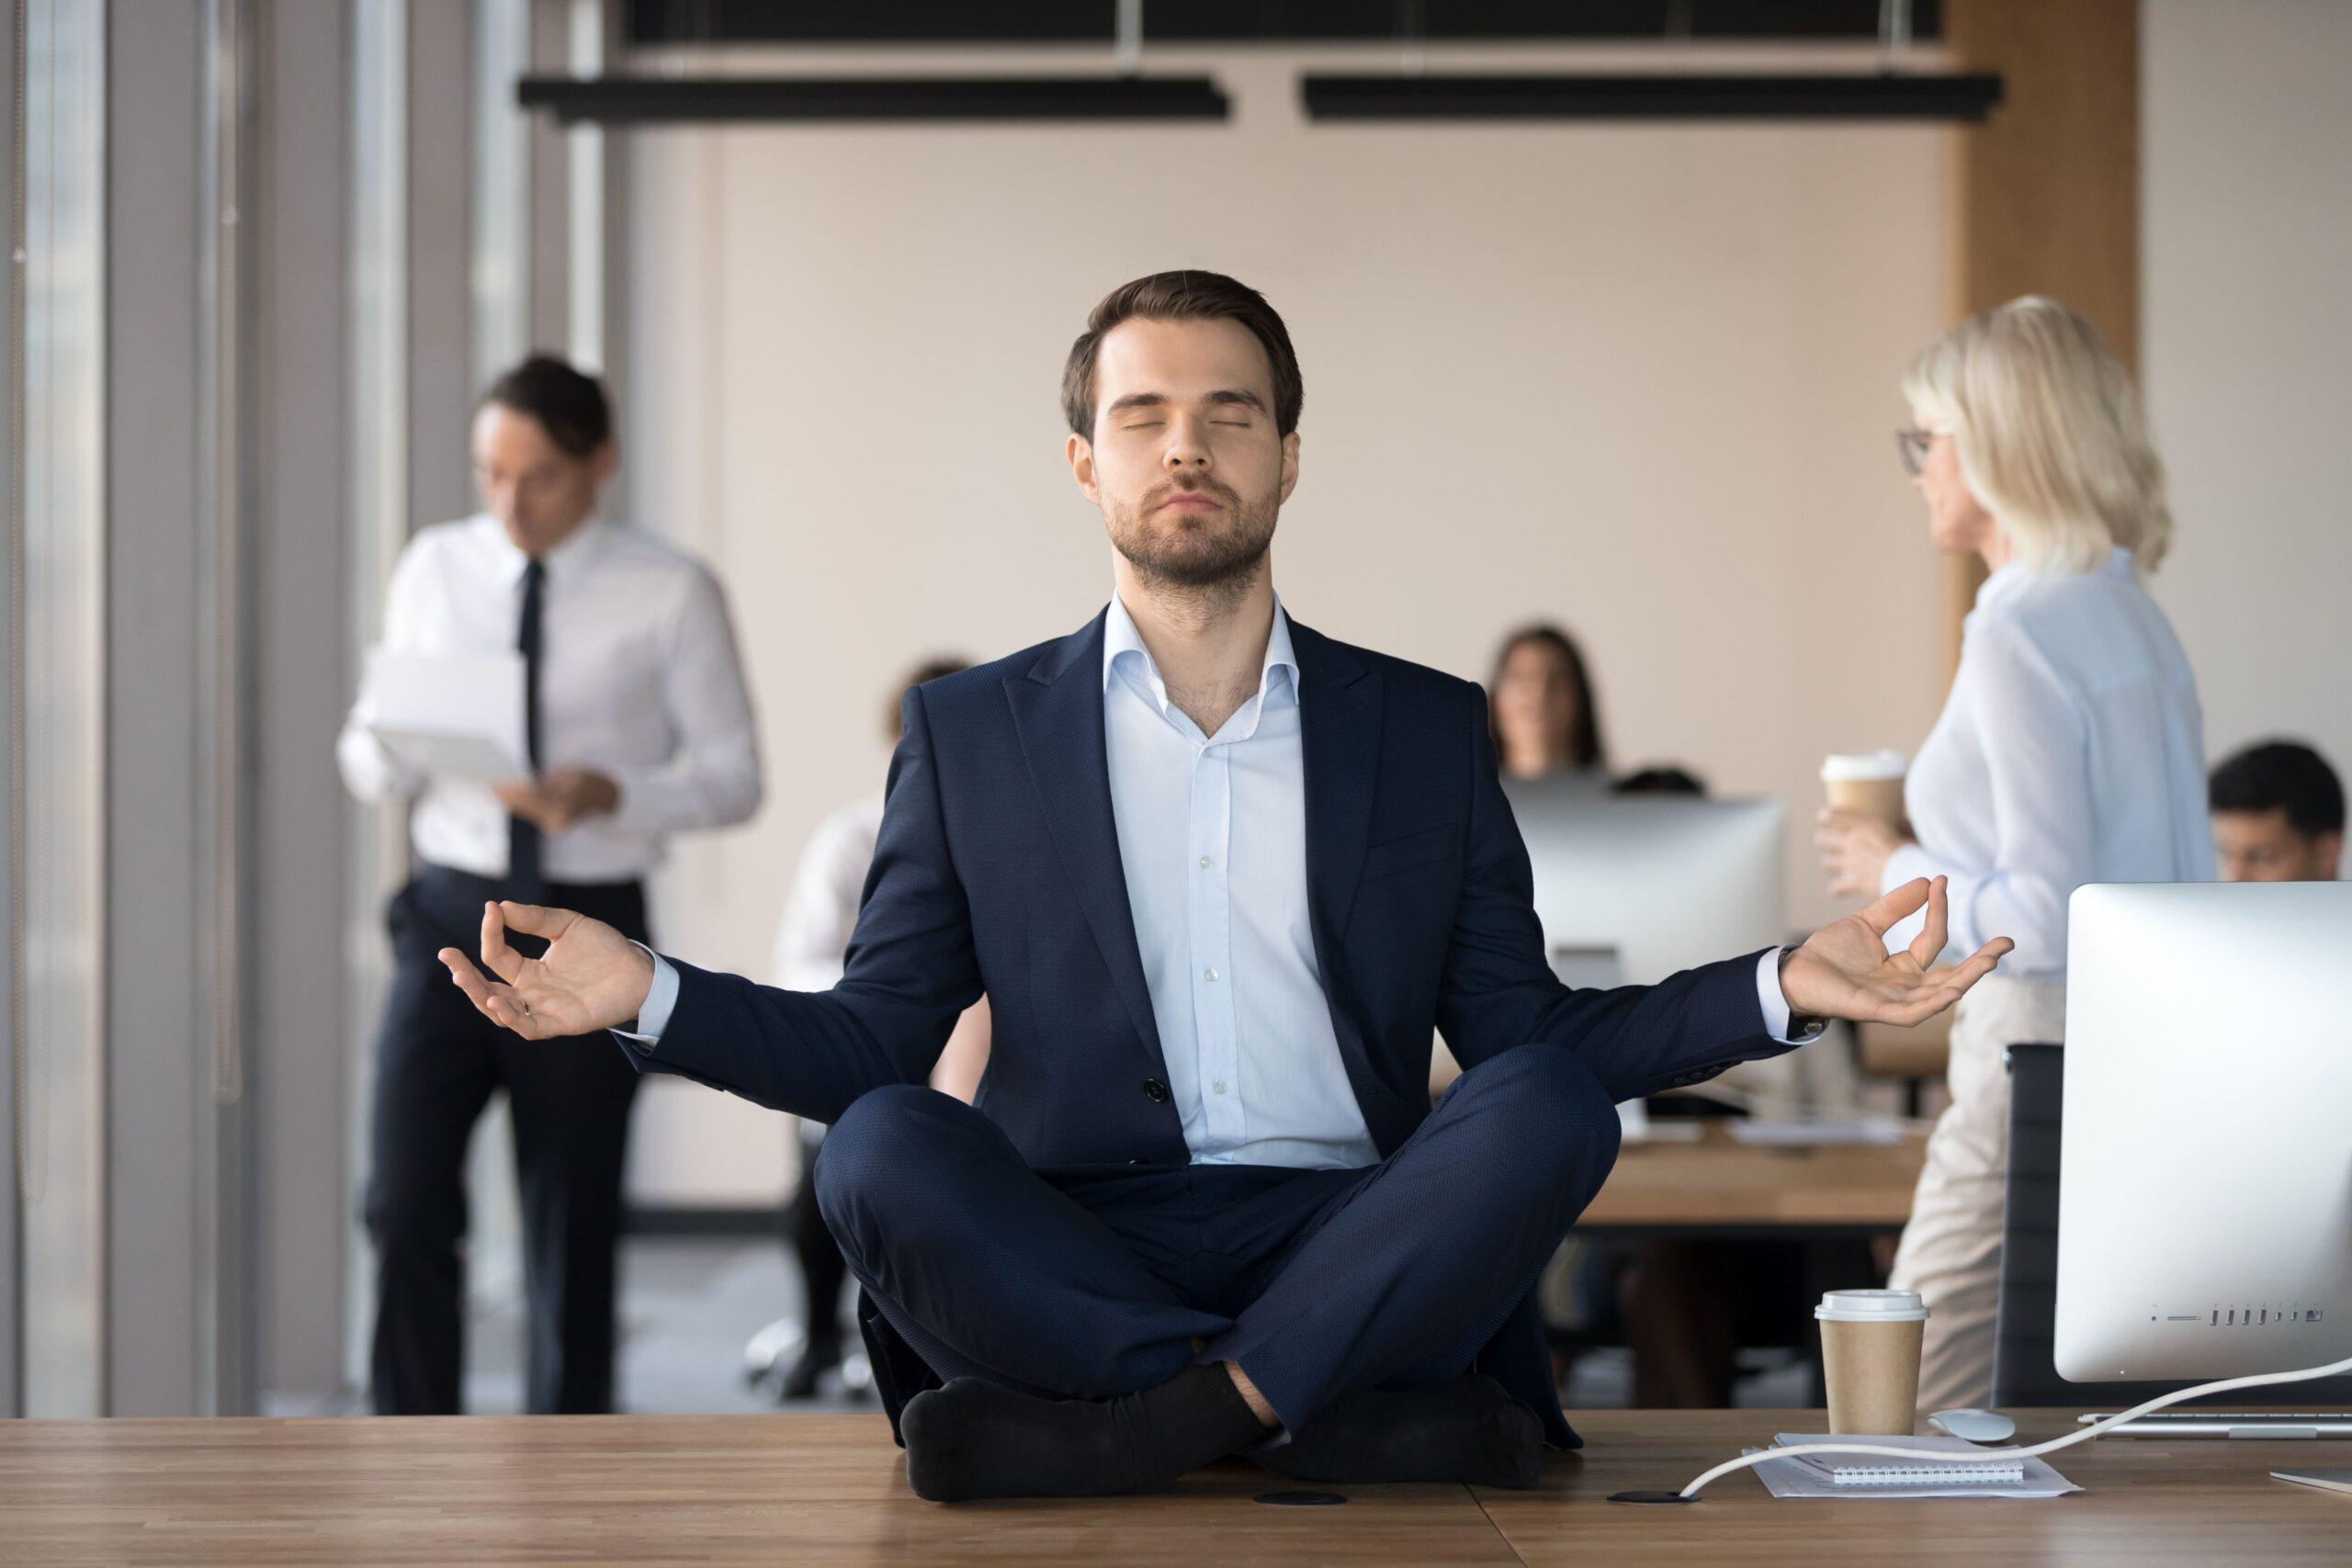 Warum Ruhe und Besonnenheit Management-Tugenden sind